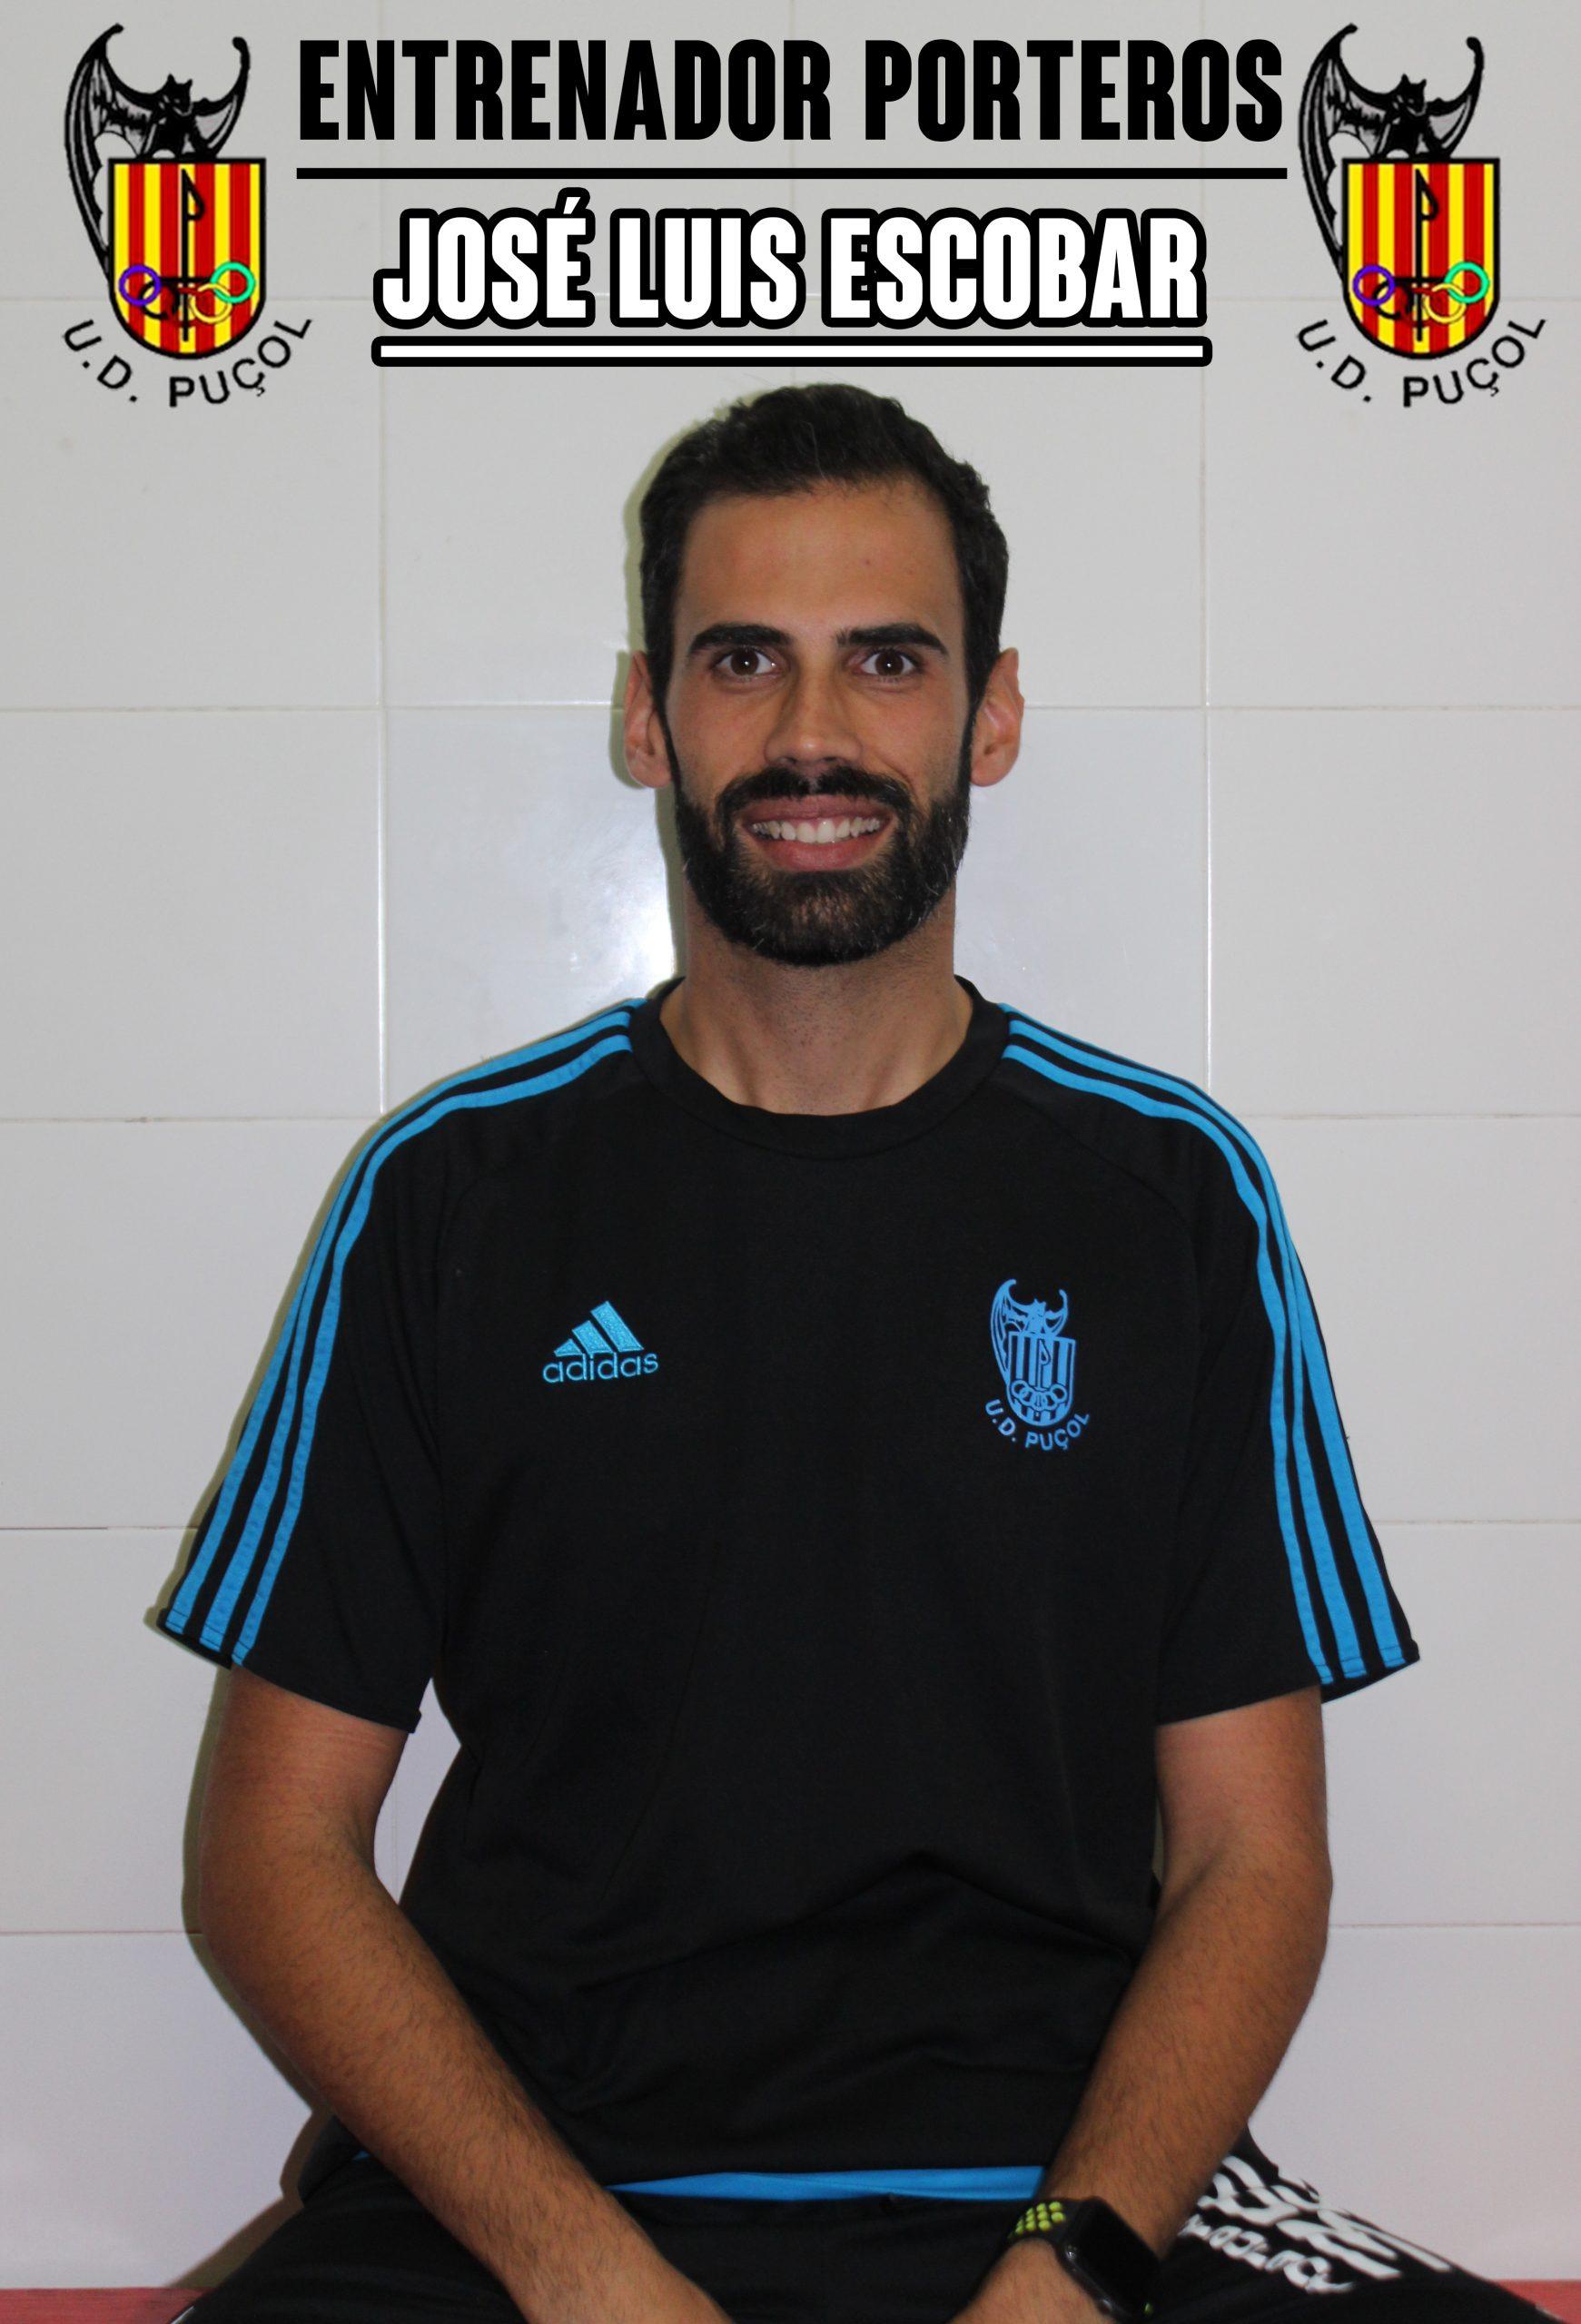 José Luis Escobar Entrenador Porteros